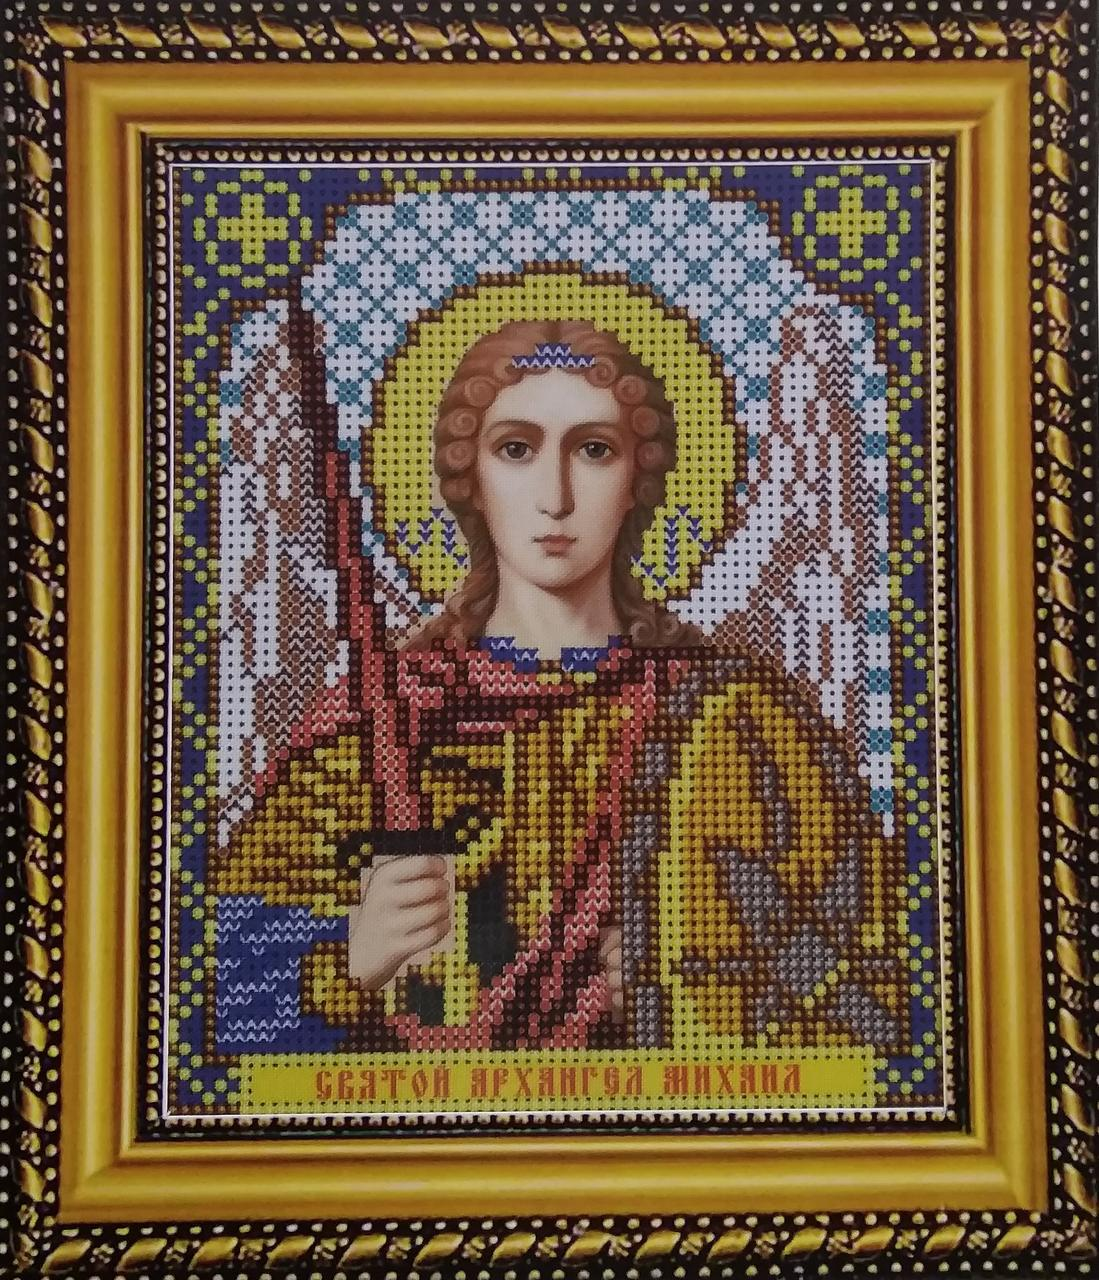 Набор для вышивки бисером ArtWork икона Святой Архангел Михаил VIA 5084